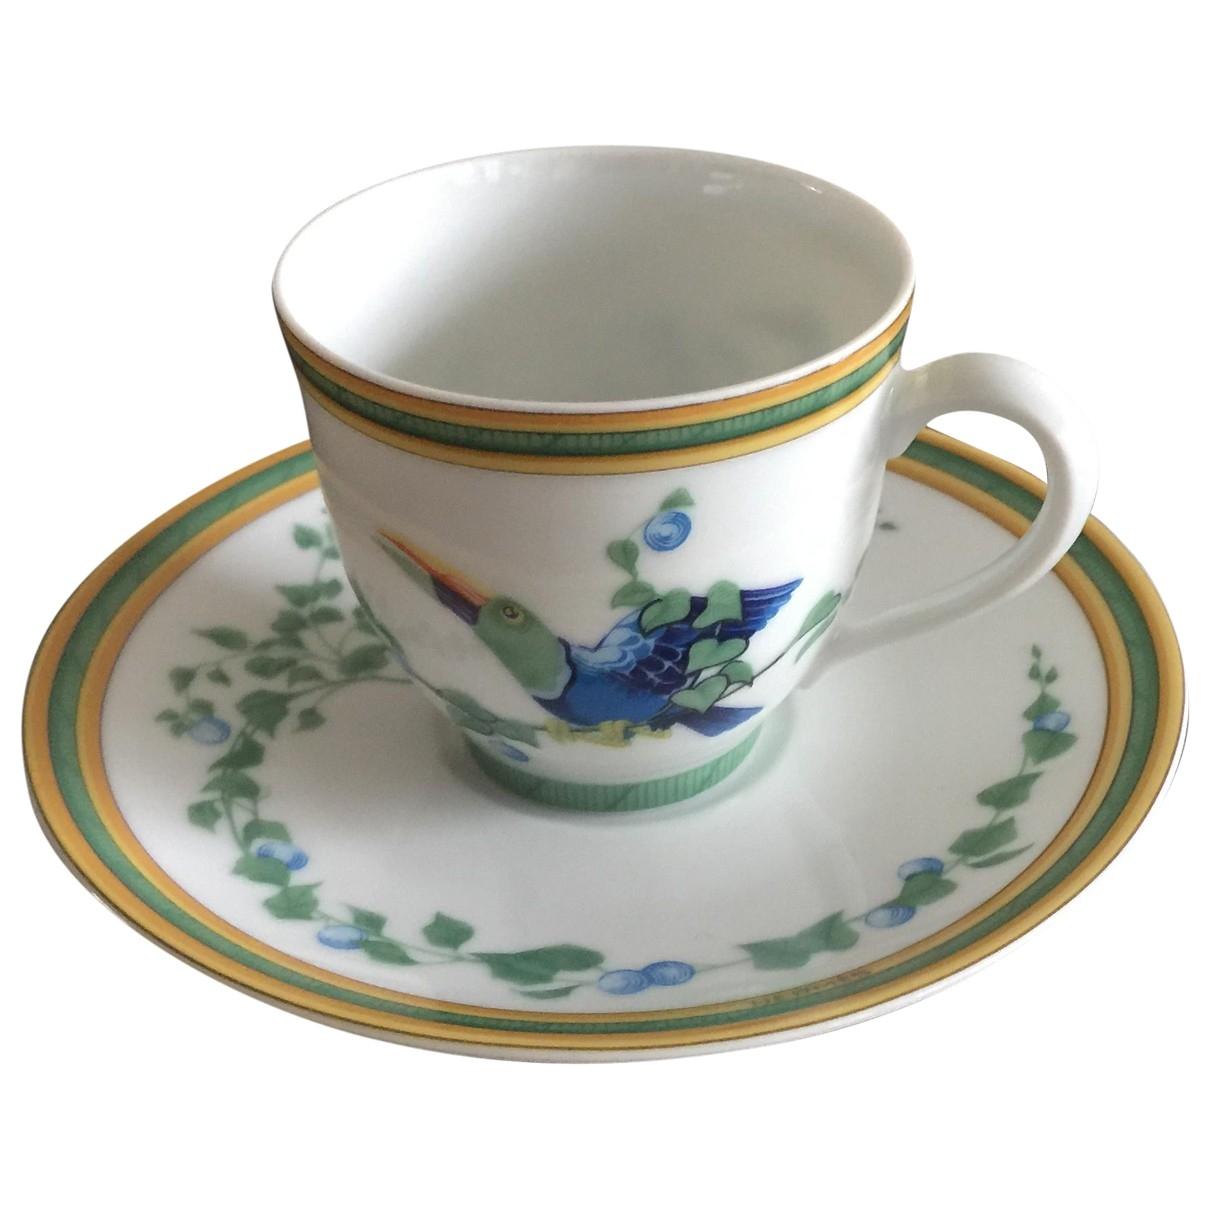 Juego de te/cafe Toucans de Porcelana Hermes